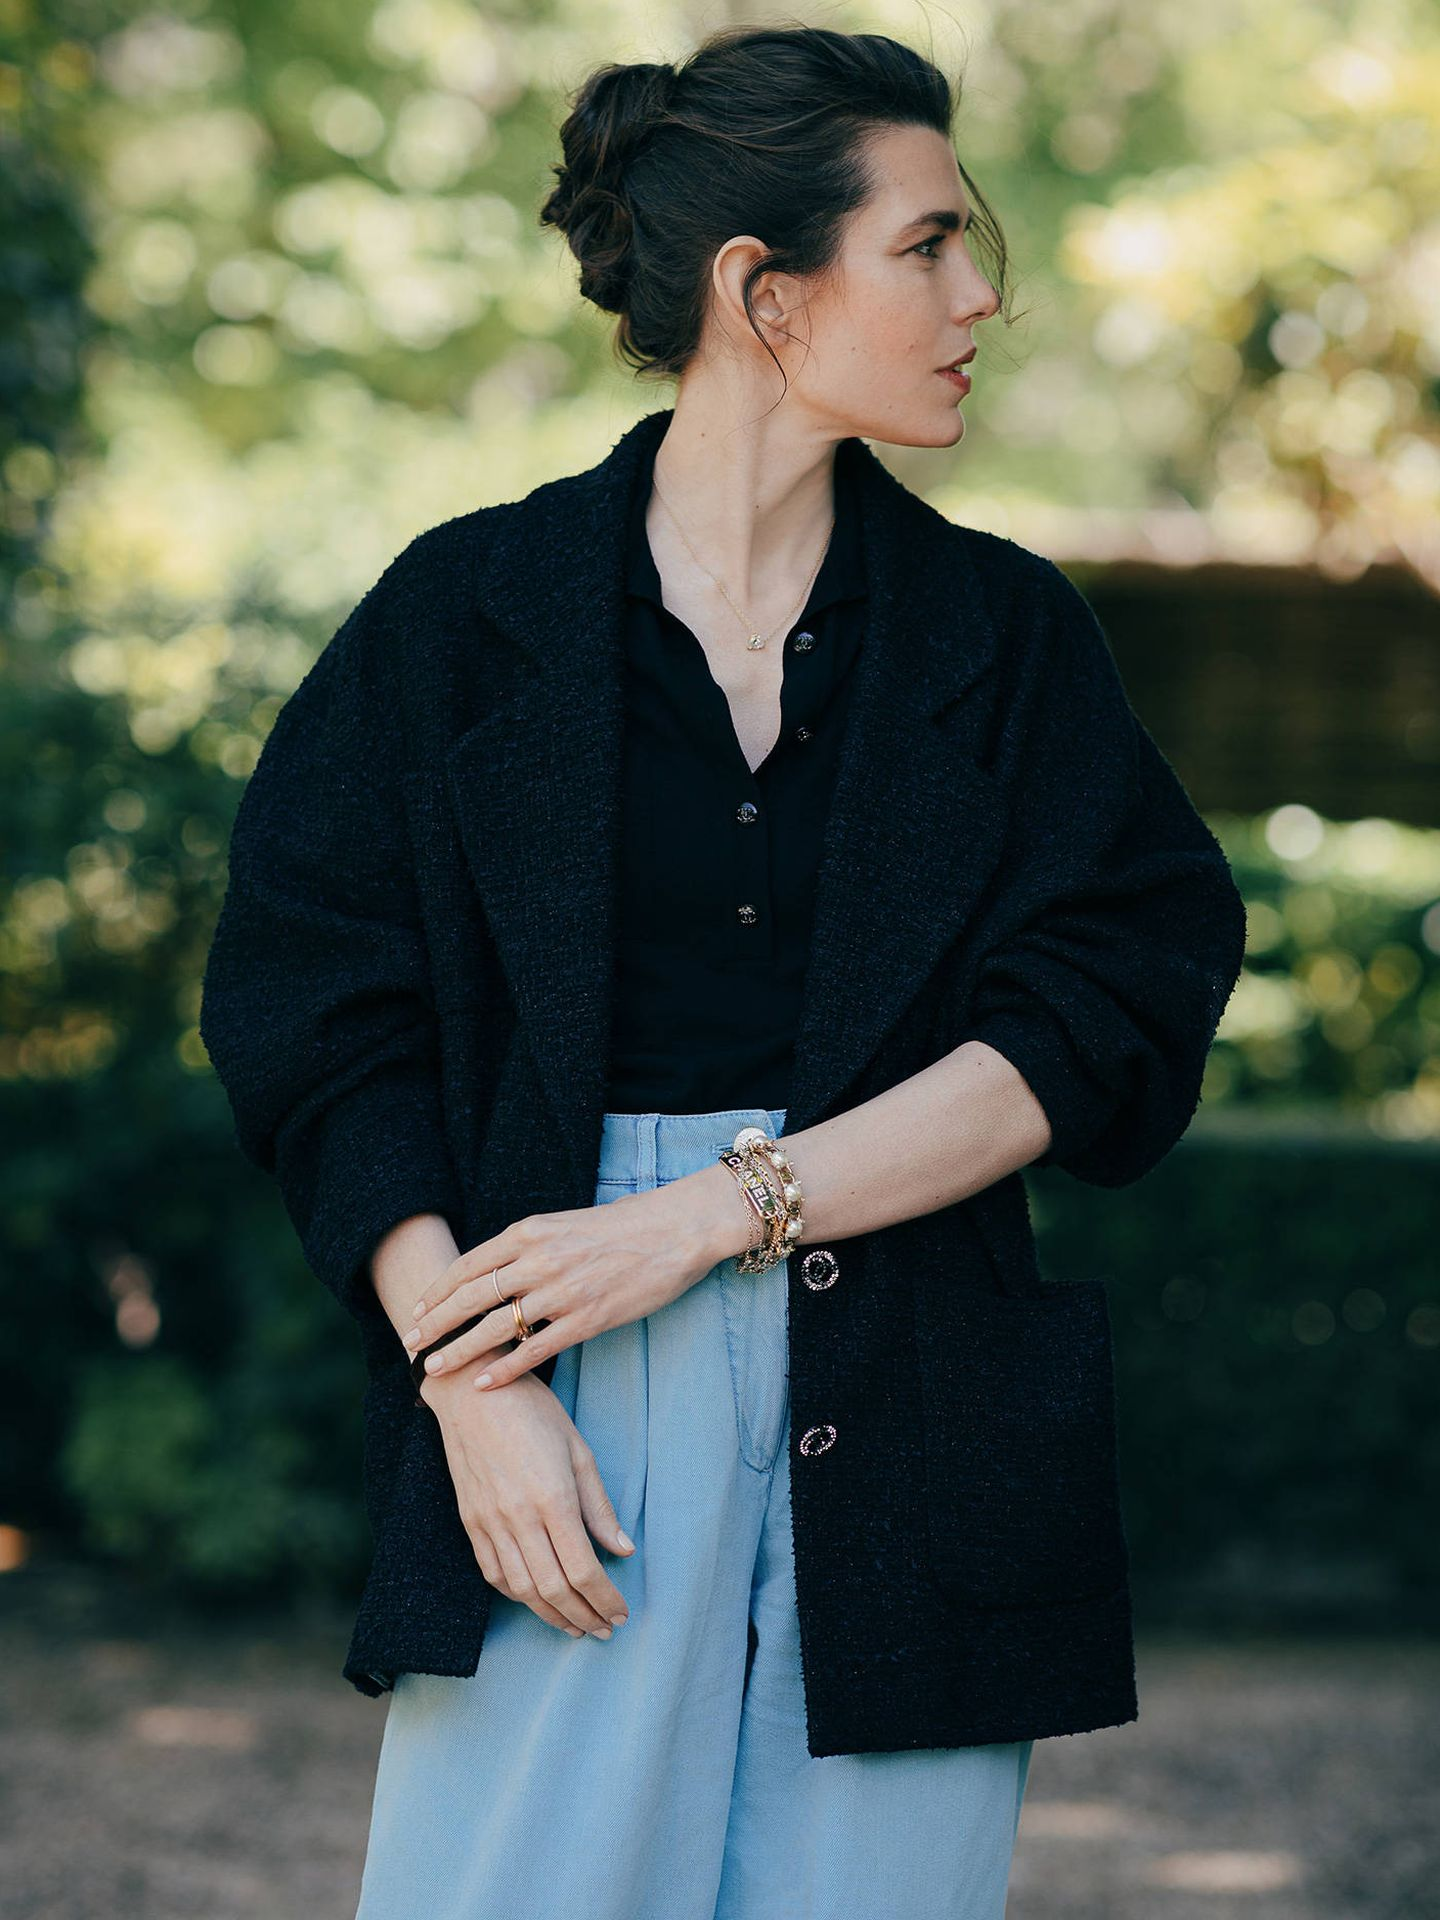 Carlota Casiraghi en otro encuentro literario de la firma Chanel. (Cortesía Chanel)